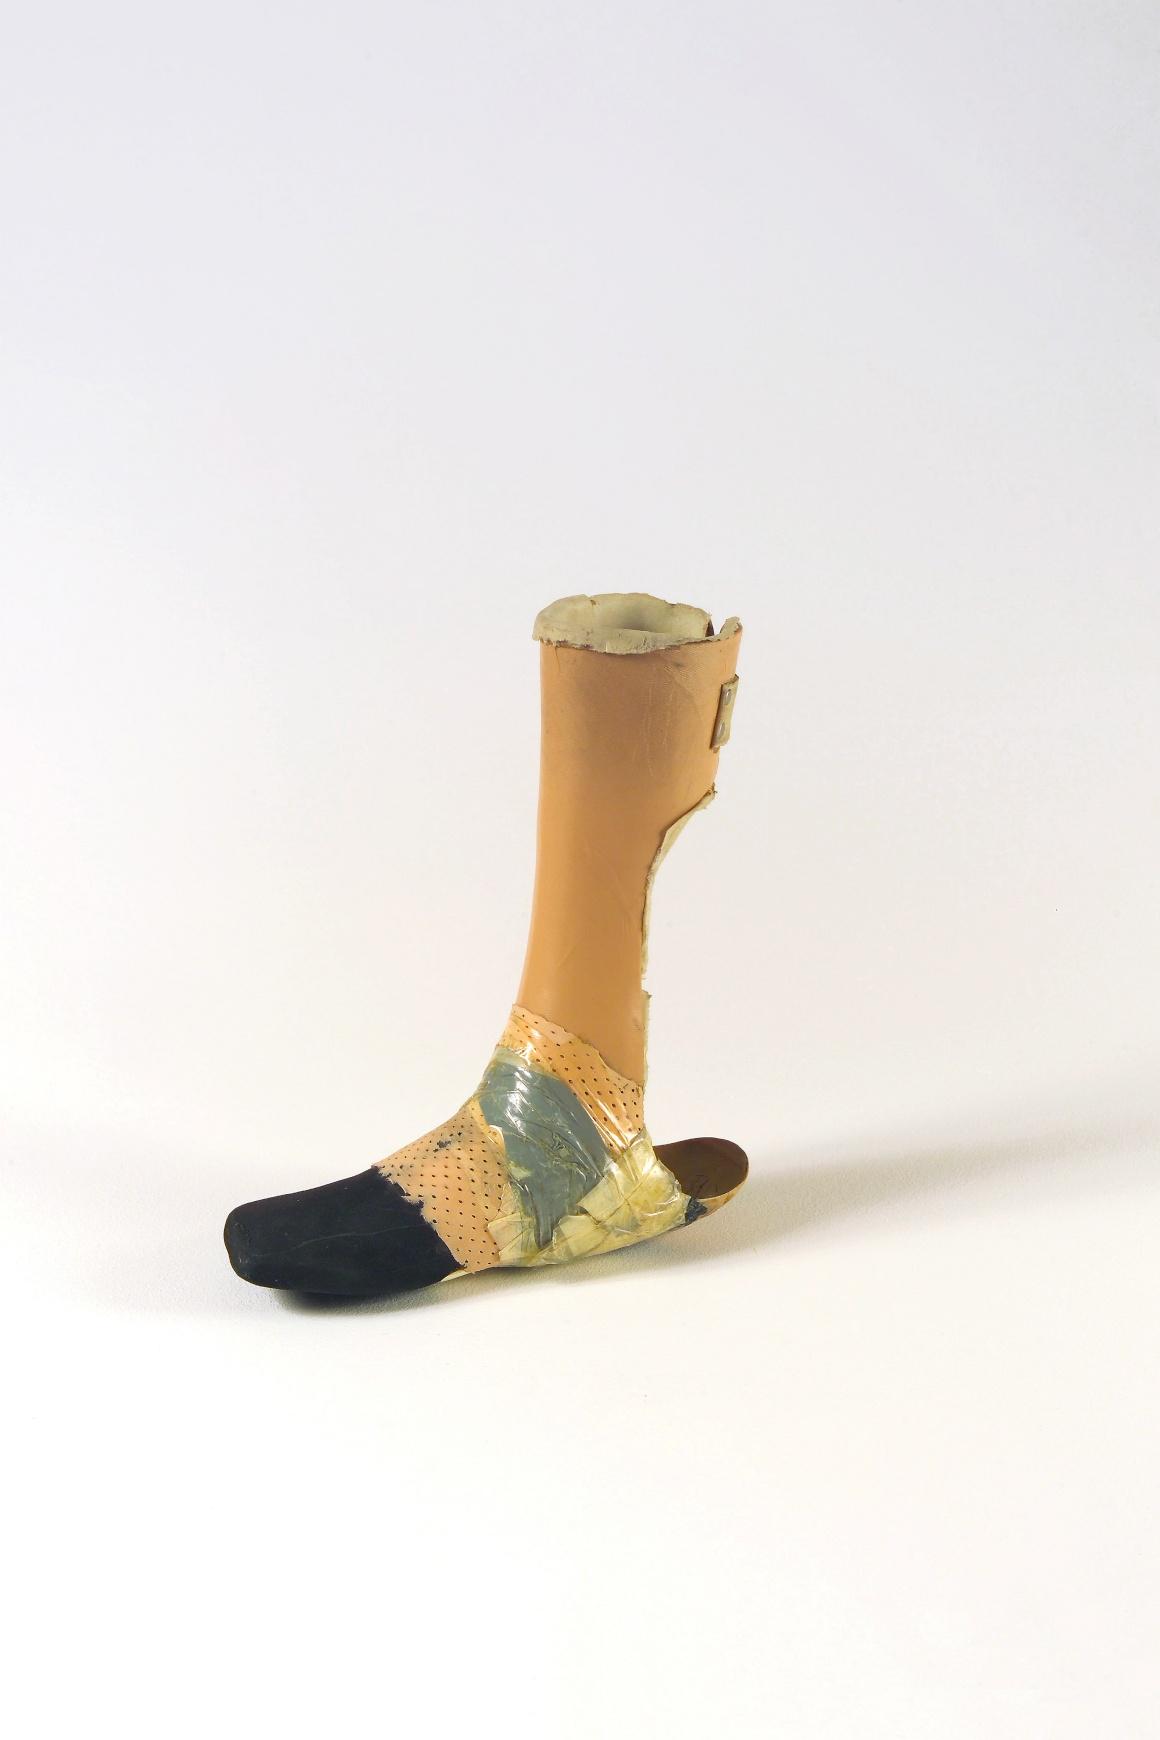 Uma das peças mais curiosas, esta prótese é de Zagreb.